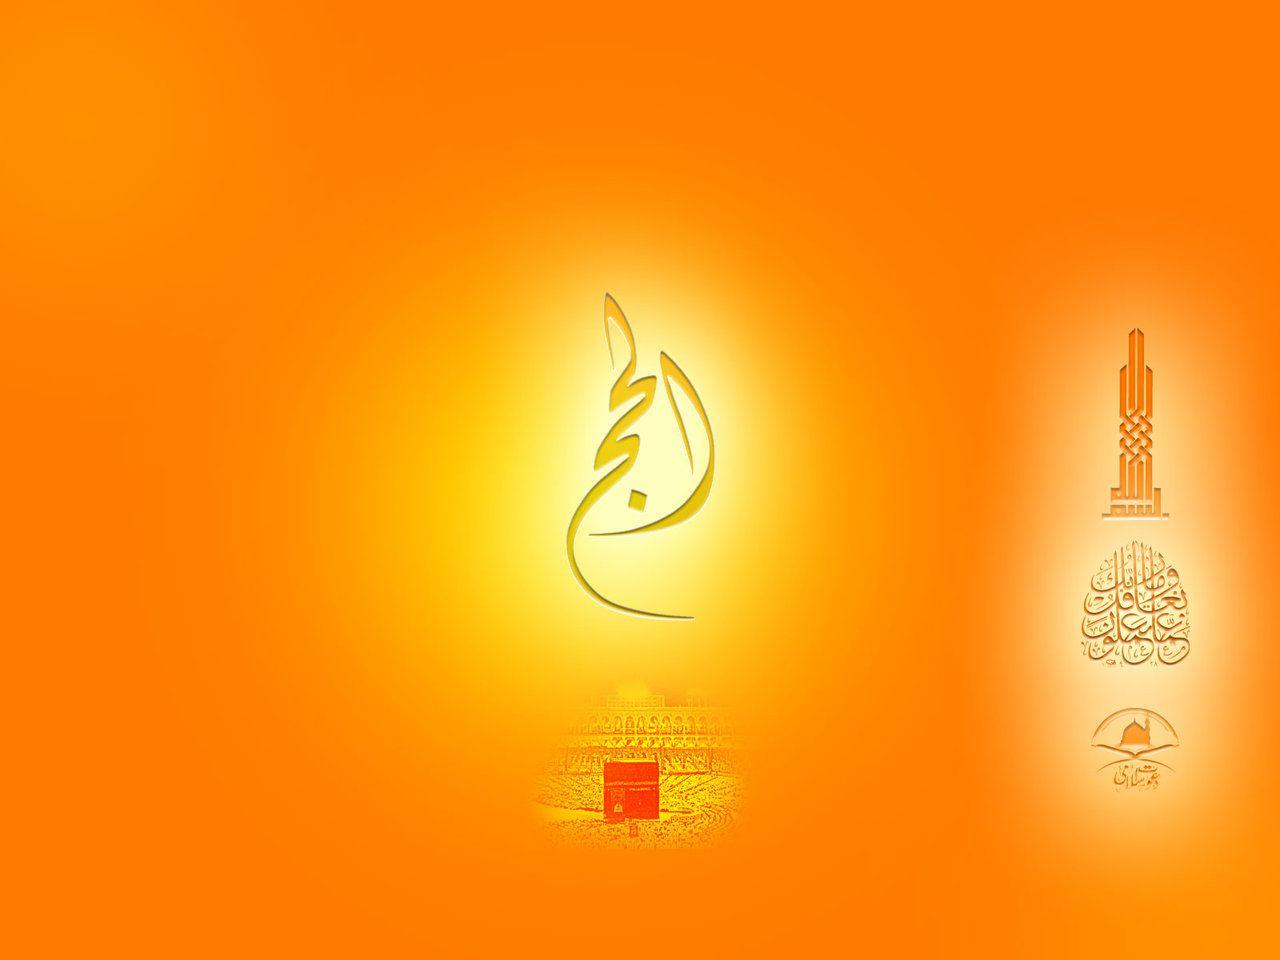 تحميل صور وخلفيات عيد الأضحى الجديدة 2015 لغة العصر Hd Wallpaper Eid Al Adha Wallpaper